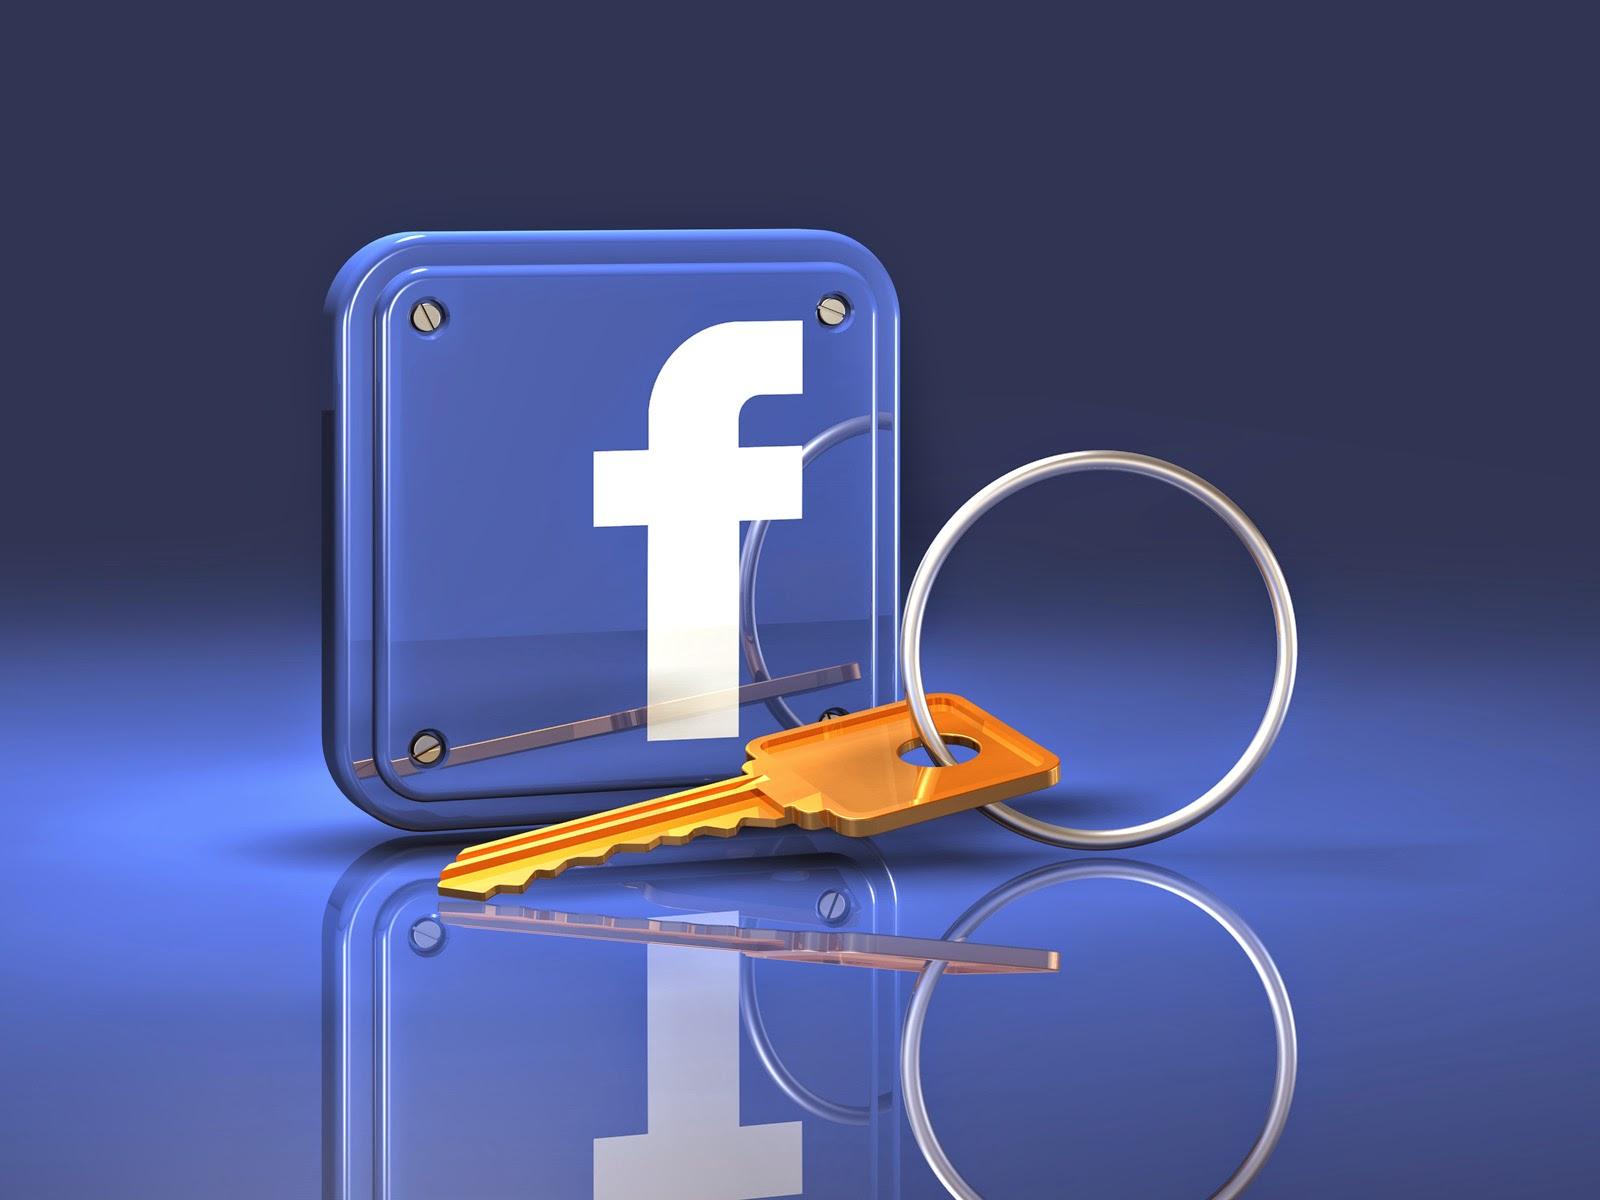 2 Cara Mudah Mengetahui Password Facebook Teman atau Orang Lain